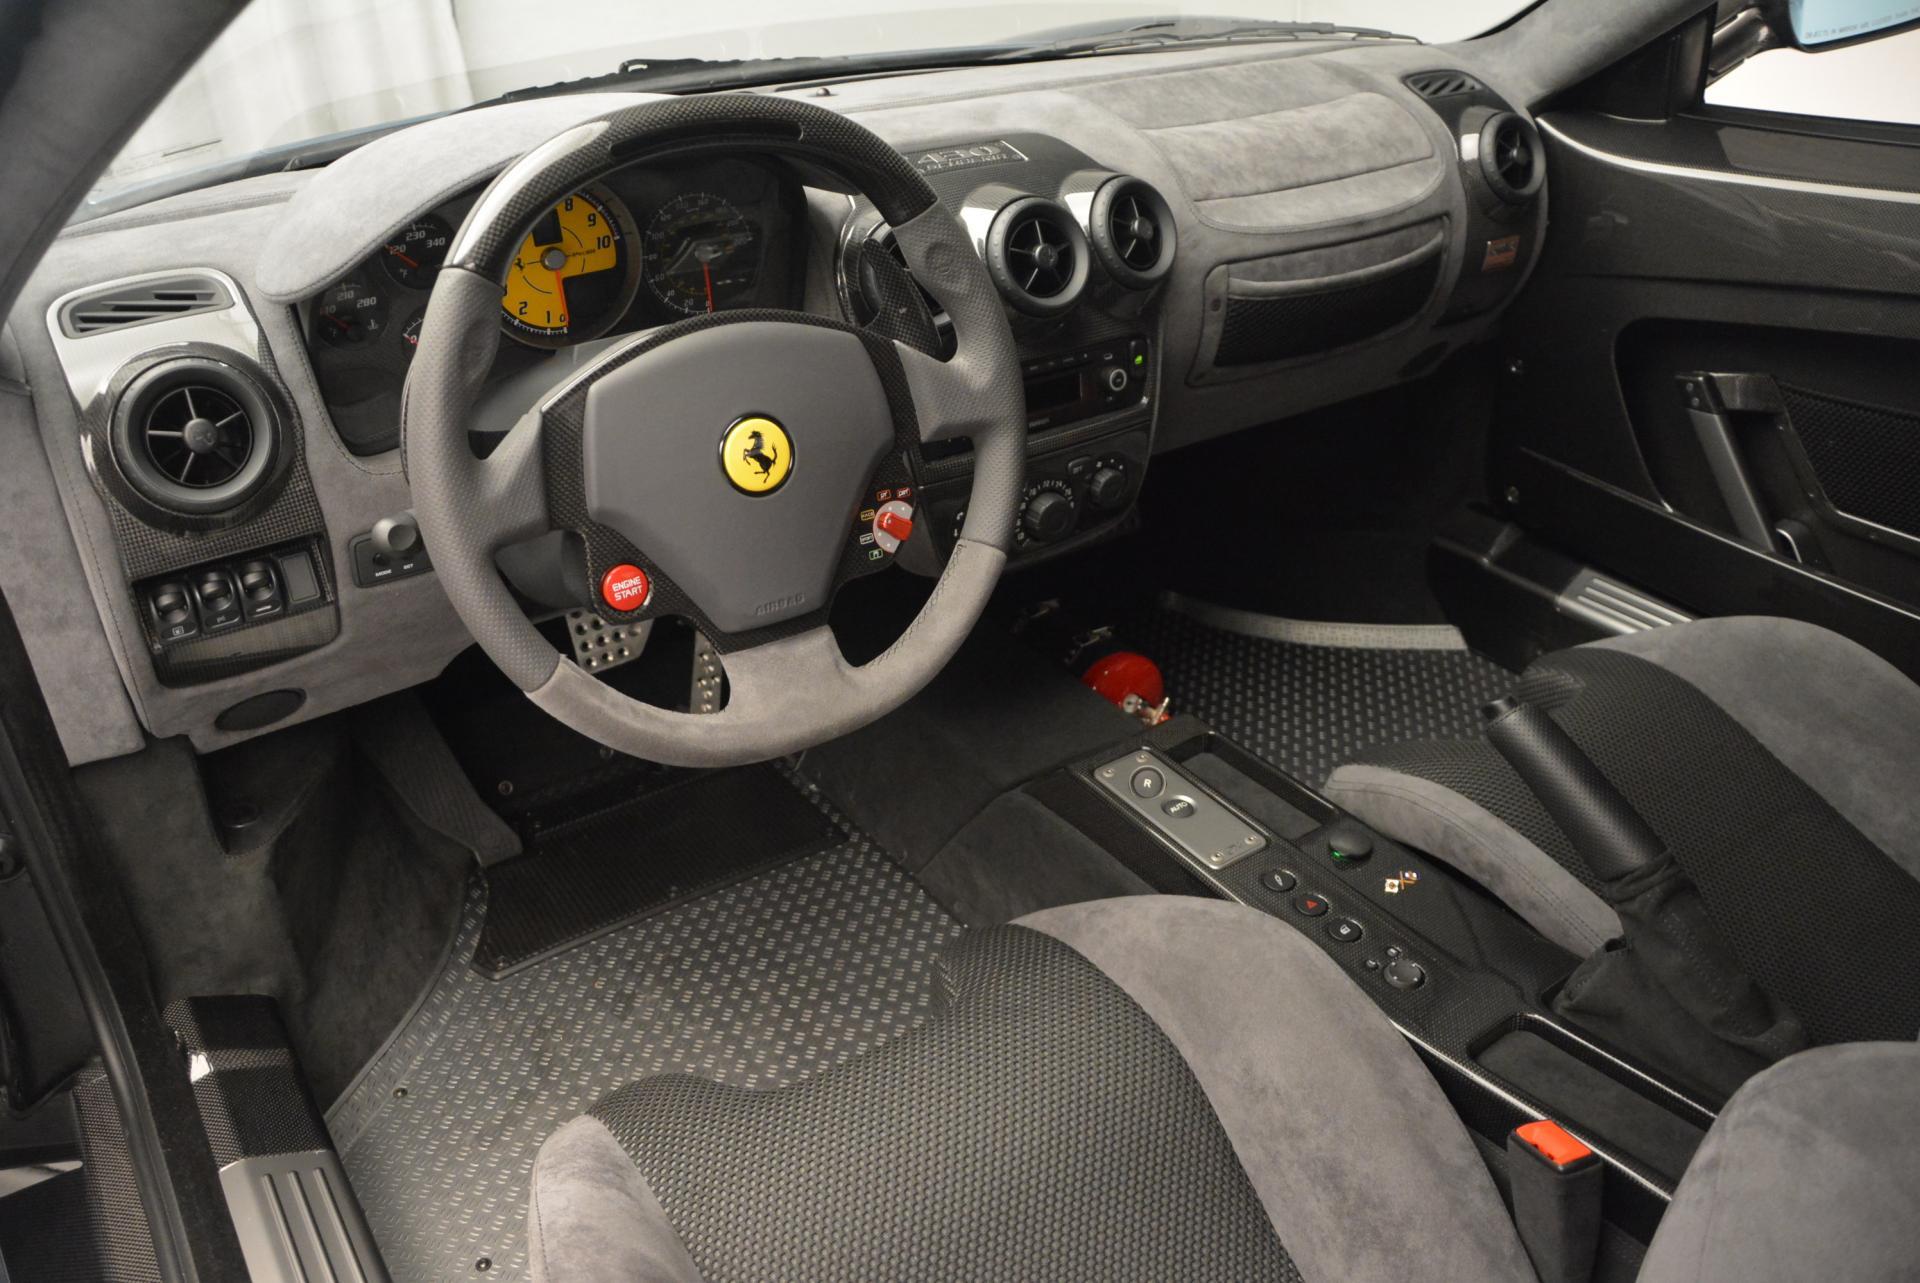 Used 2008 Ferrari F430 Scuderia For Sale In Greenwich, CT. Alfa Romeo of Greenwich, 4310 146_p14